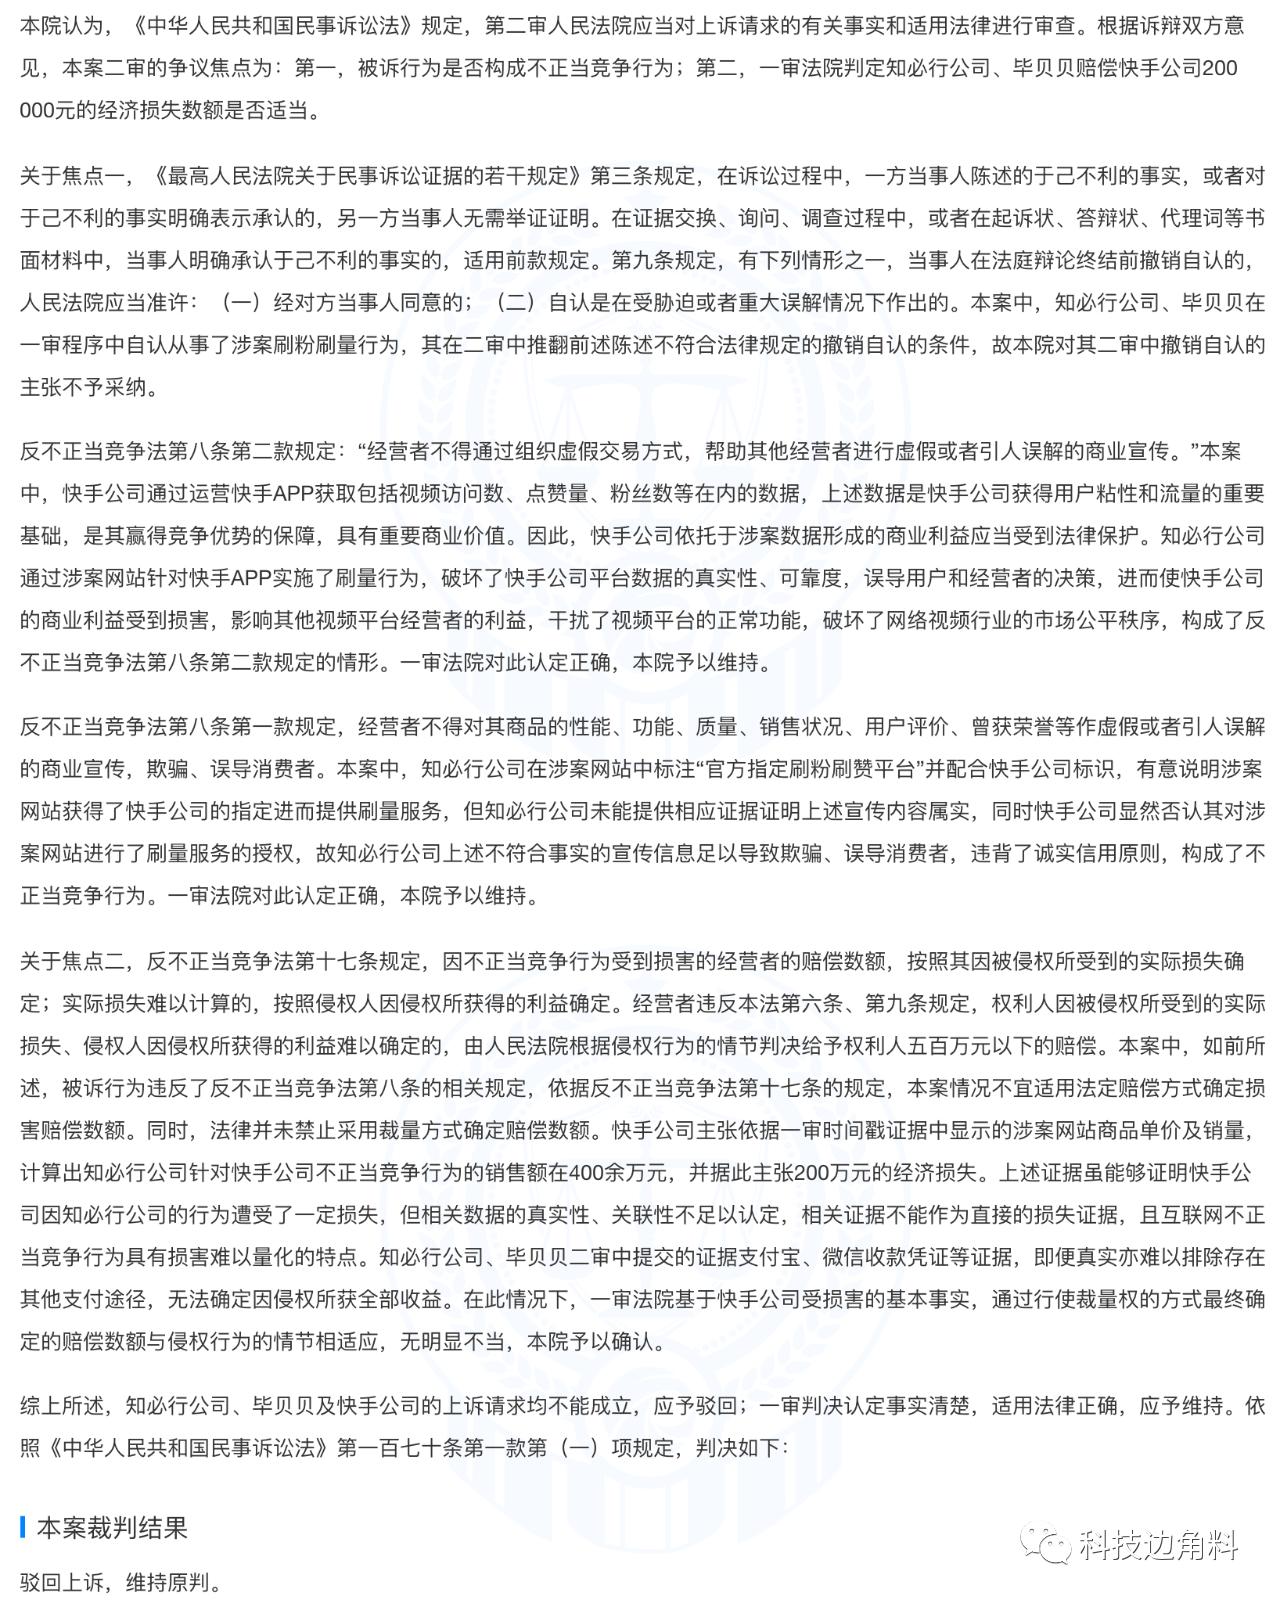 """刷钻排行榜网_刷粉公司自称""""官方指定刷赞平台"""",快手获赔21万元"""